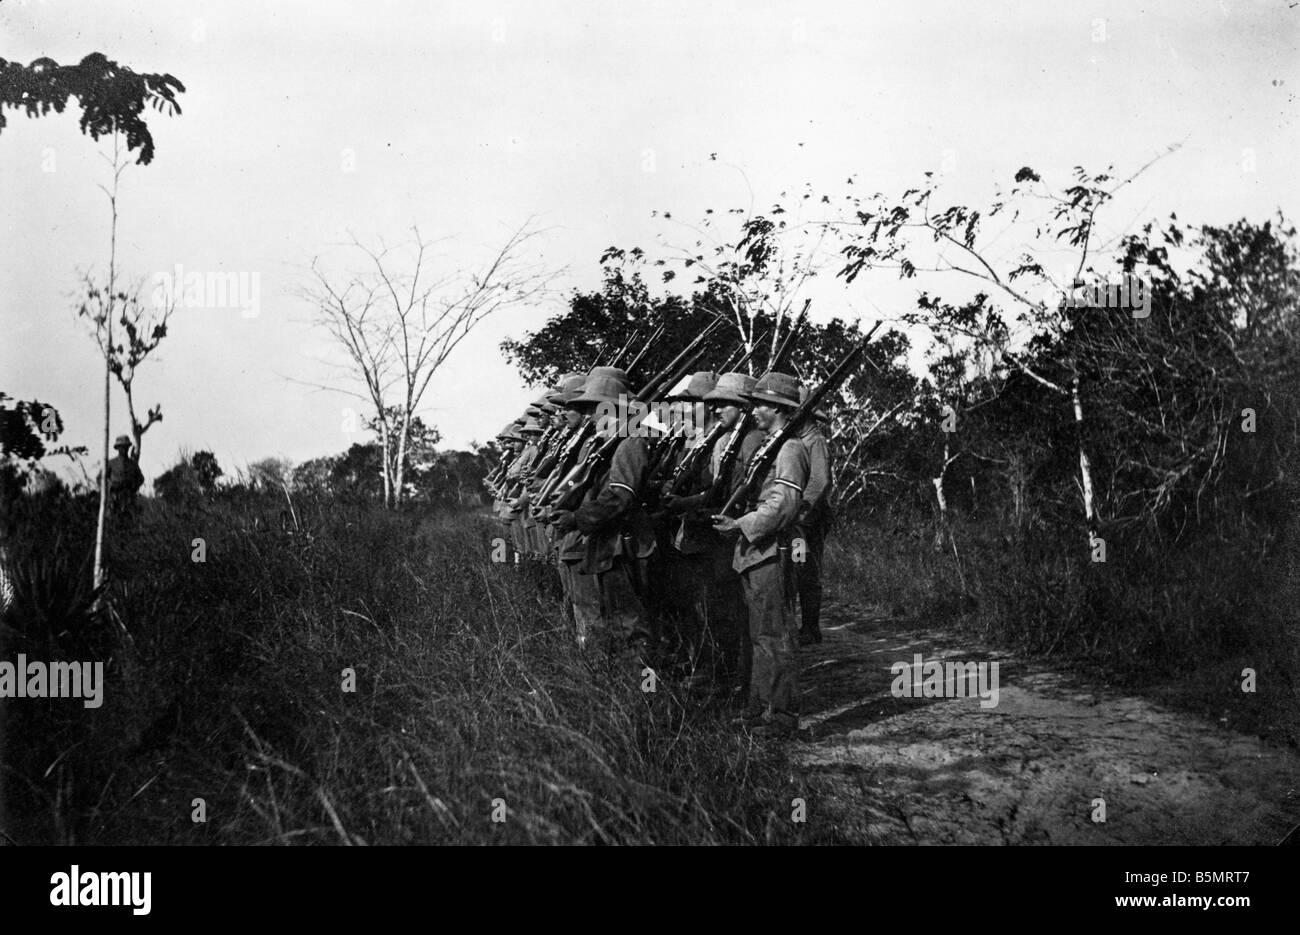 9AF 1914 0 0 A1 8 Feld-Übung der Deutsche Osten Af 1. Weltkrieg Krieg in den Kolonien Deutsch-Ostafrika Truppen jetzt Tansania Feld Stockfoto